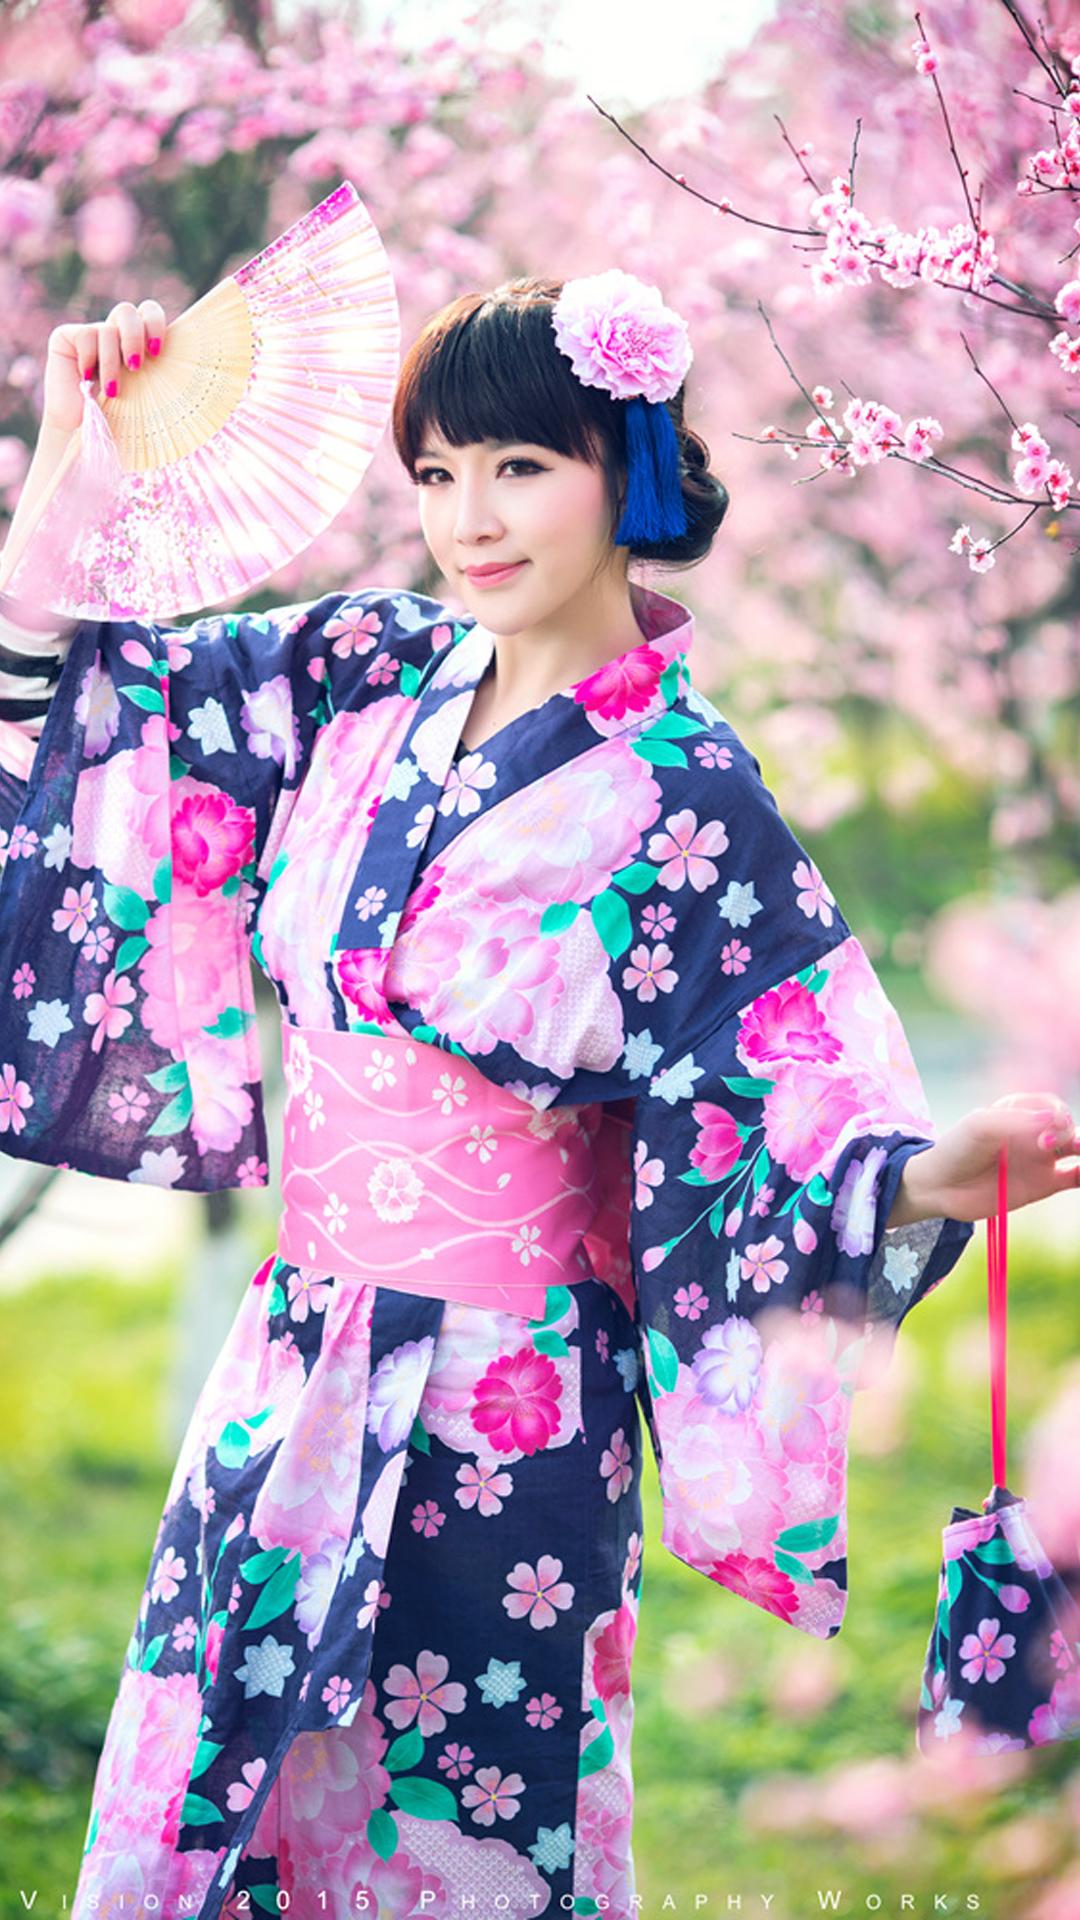 Pretty girl wearing a kimono